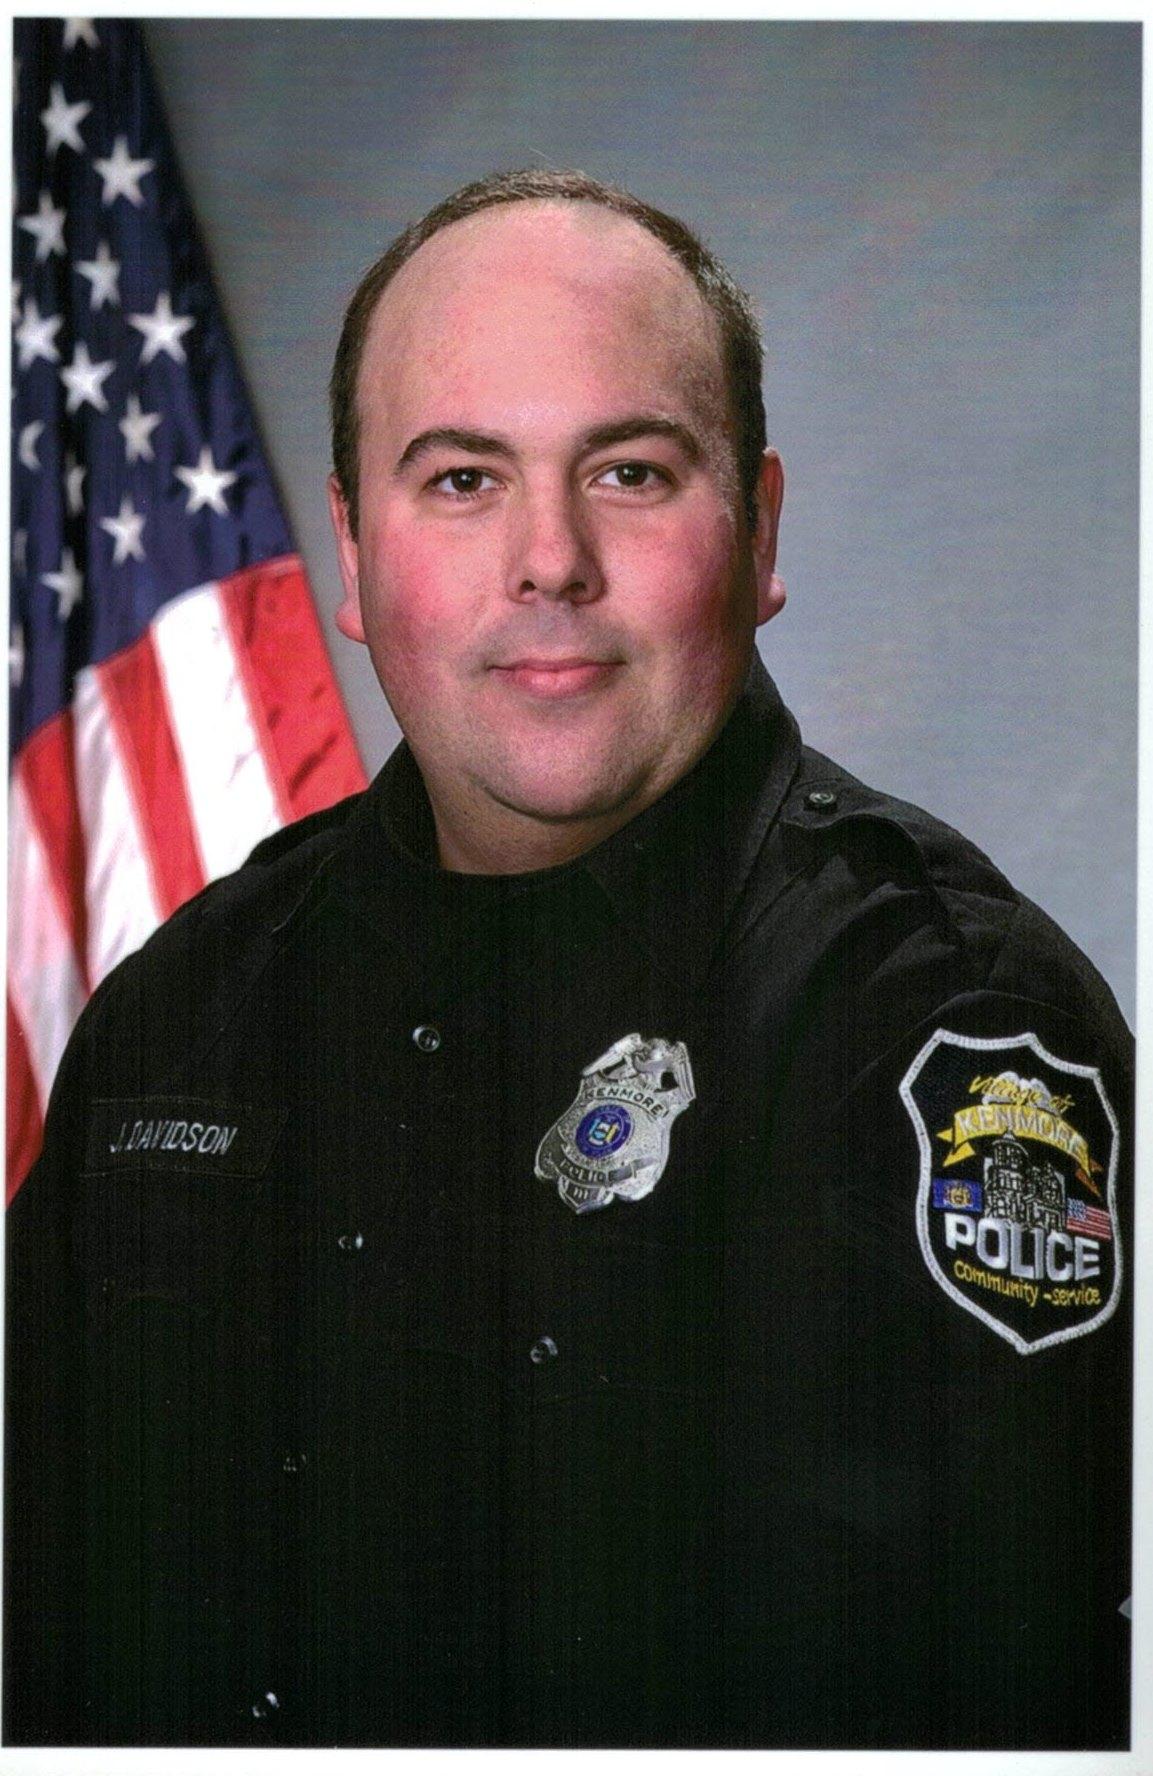 Kenmore Police Officer Joshua B. Davidson